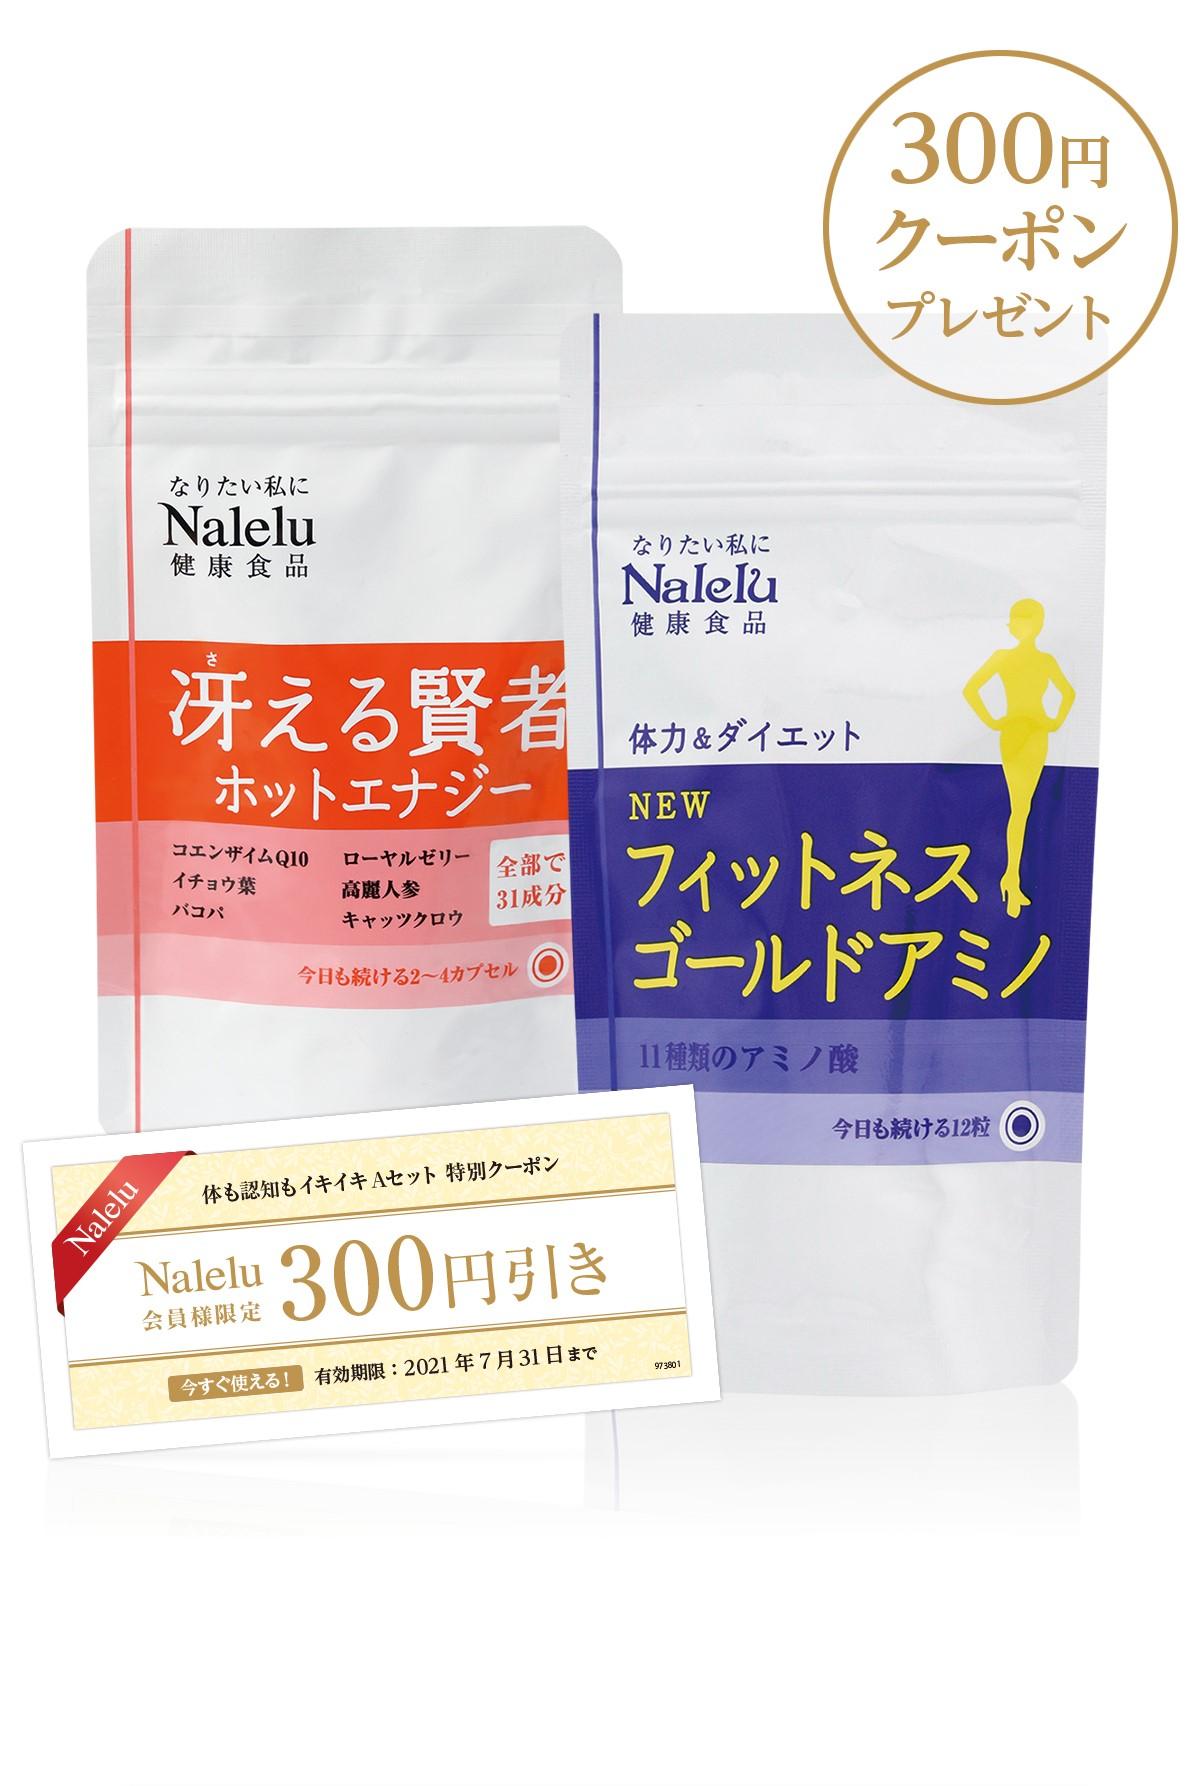 体も認知もイキイキAセット Nalelu商品券300円分プレゼント